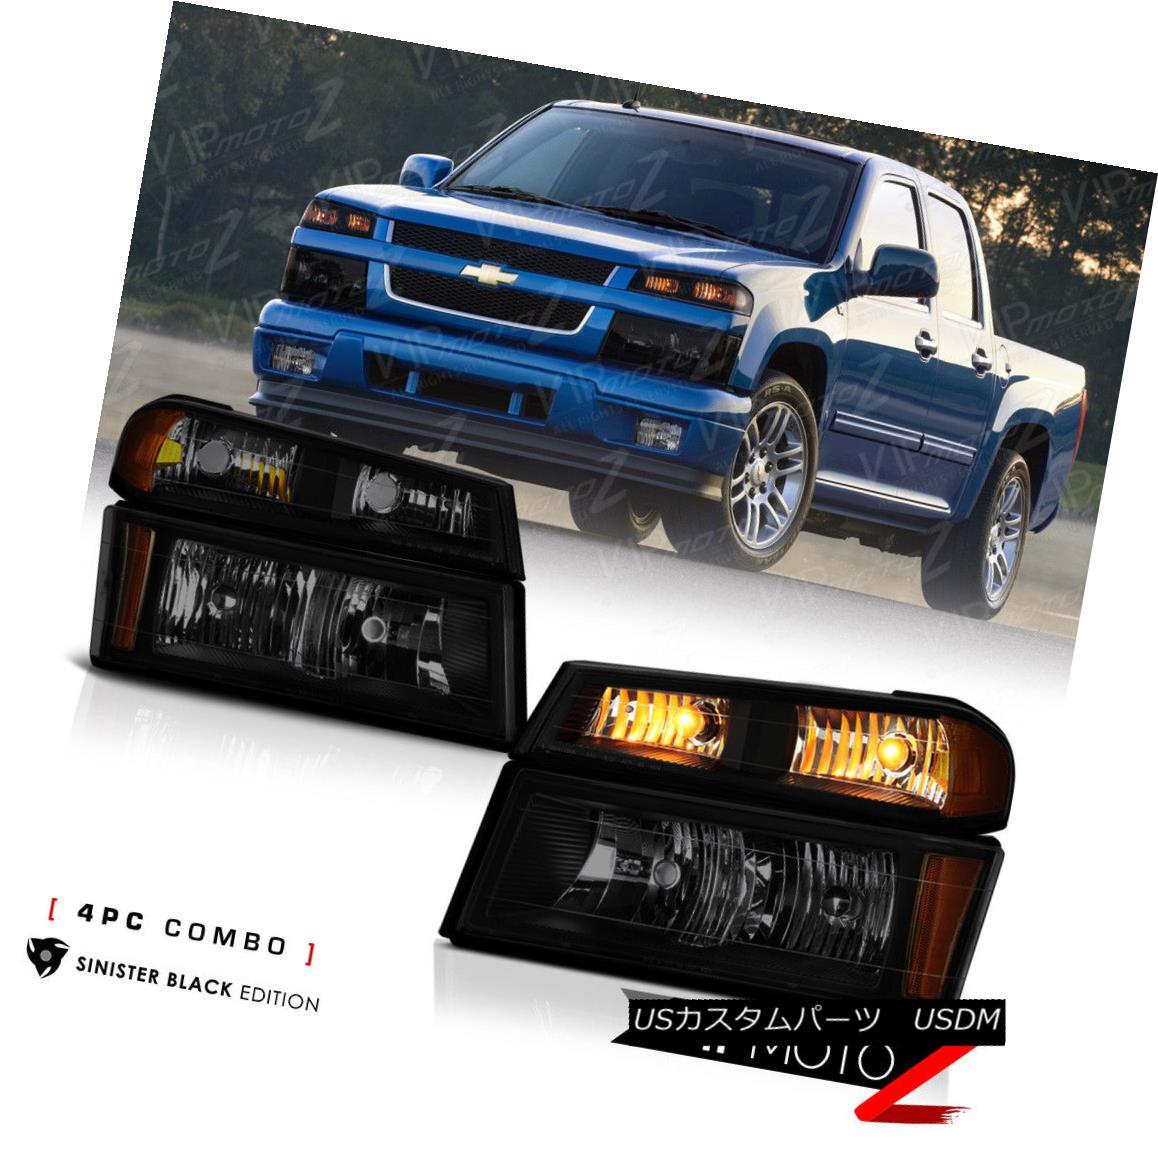 ヘッドライト [SINISTER BLACK] 2004-2012 Chevy Colorado Bumper Signal Headlight Lamp 4PC Combo [SINISTER BLACK] 2004-2012シボレーコロラドバンパーシグナルヘッドライトランプ4PCコンボ